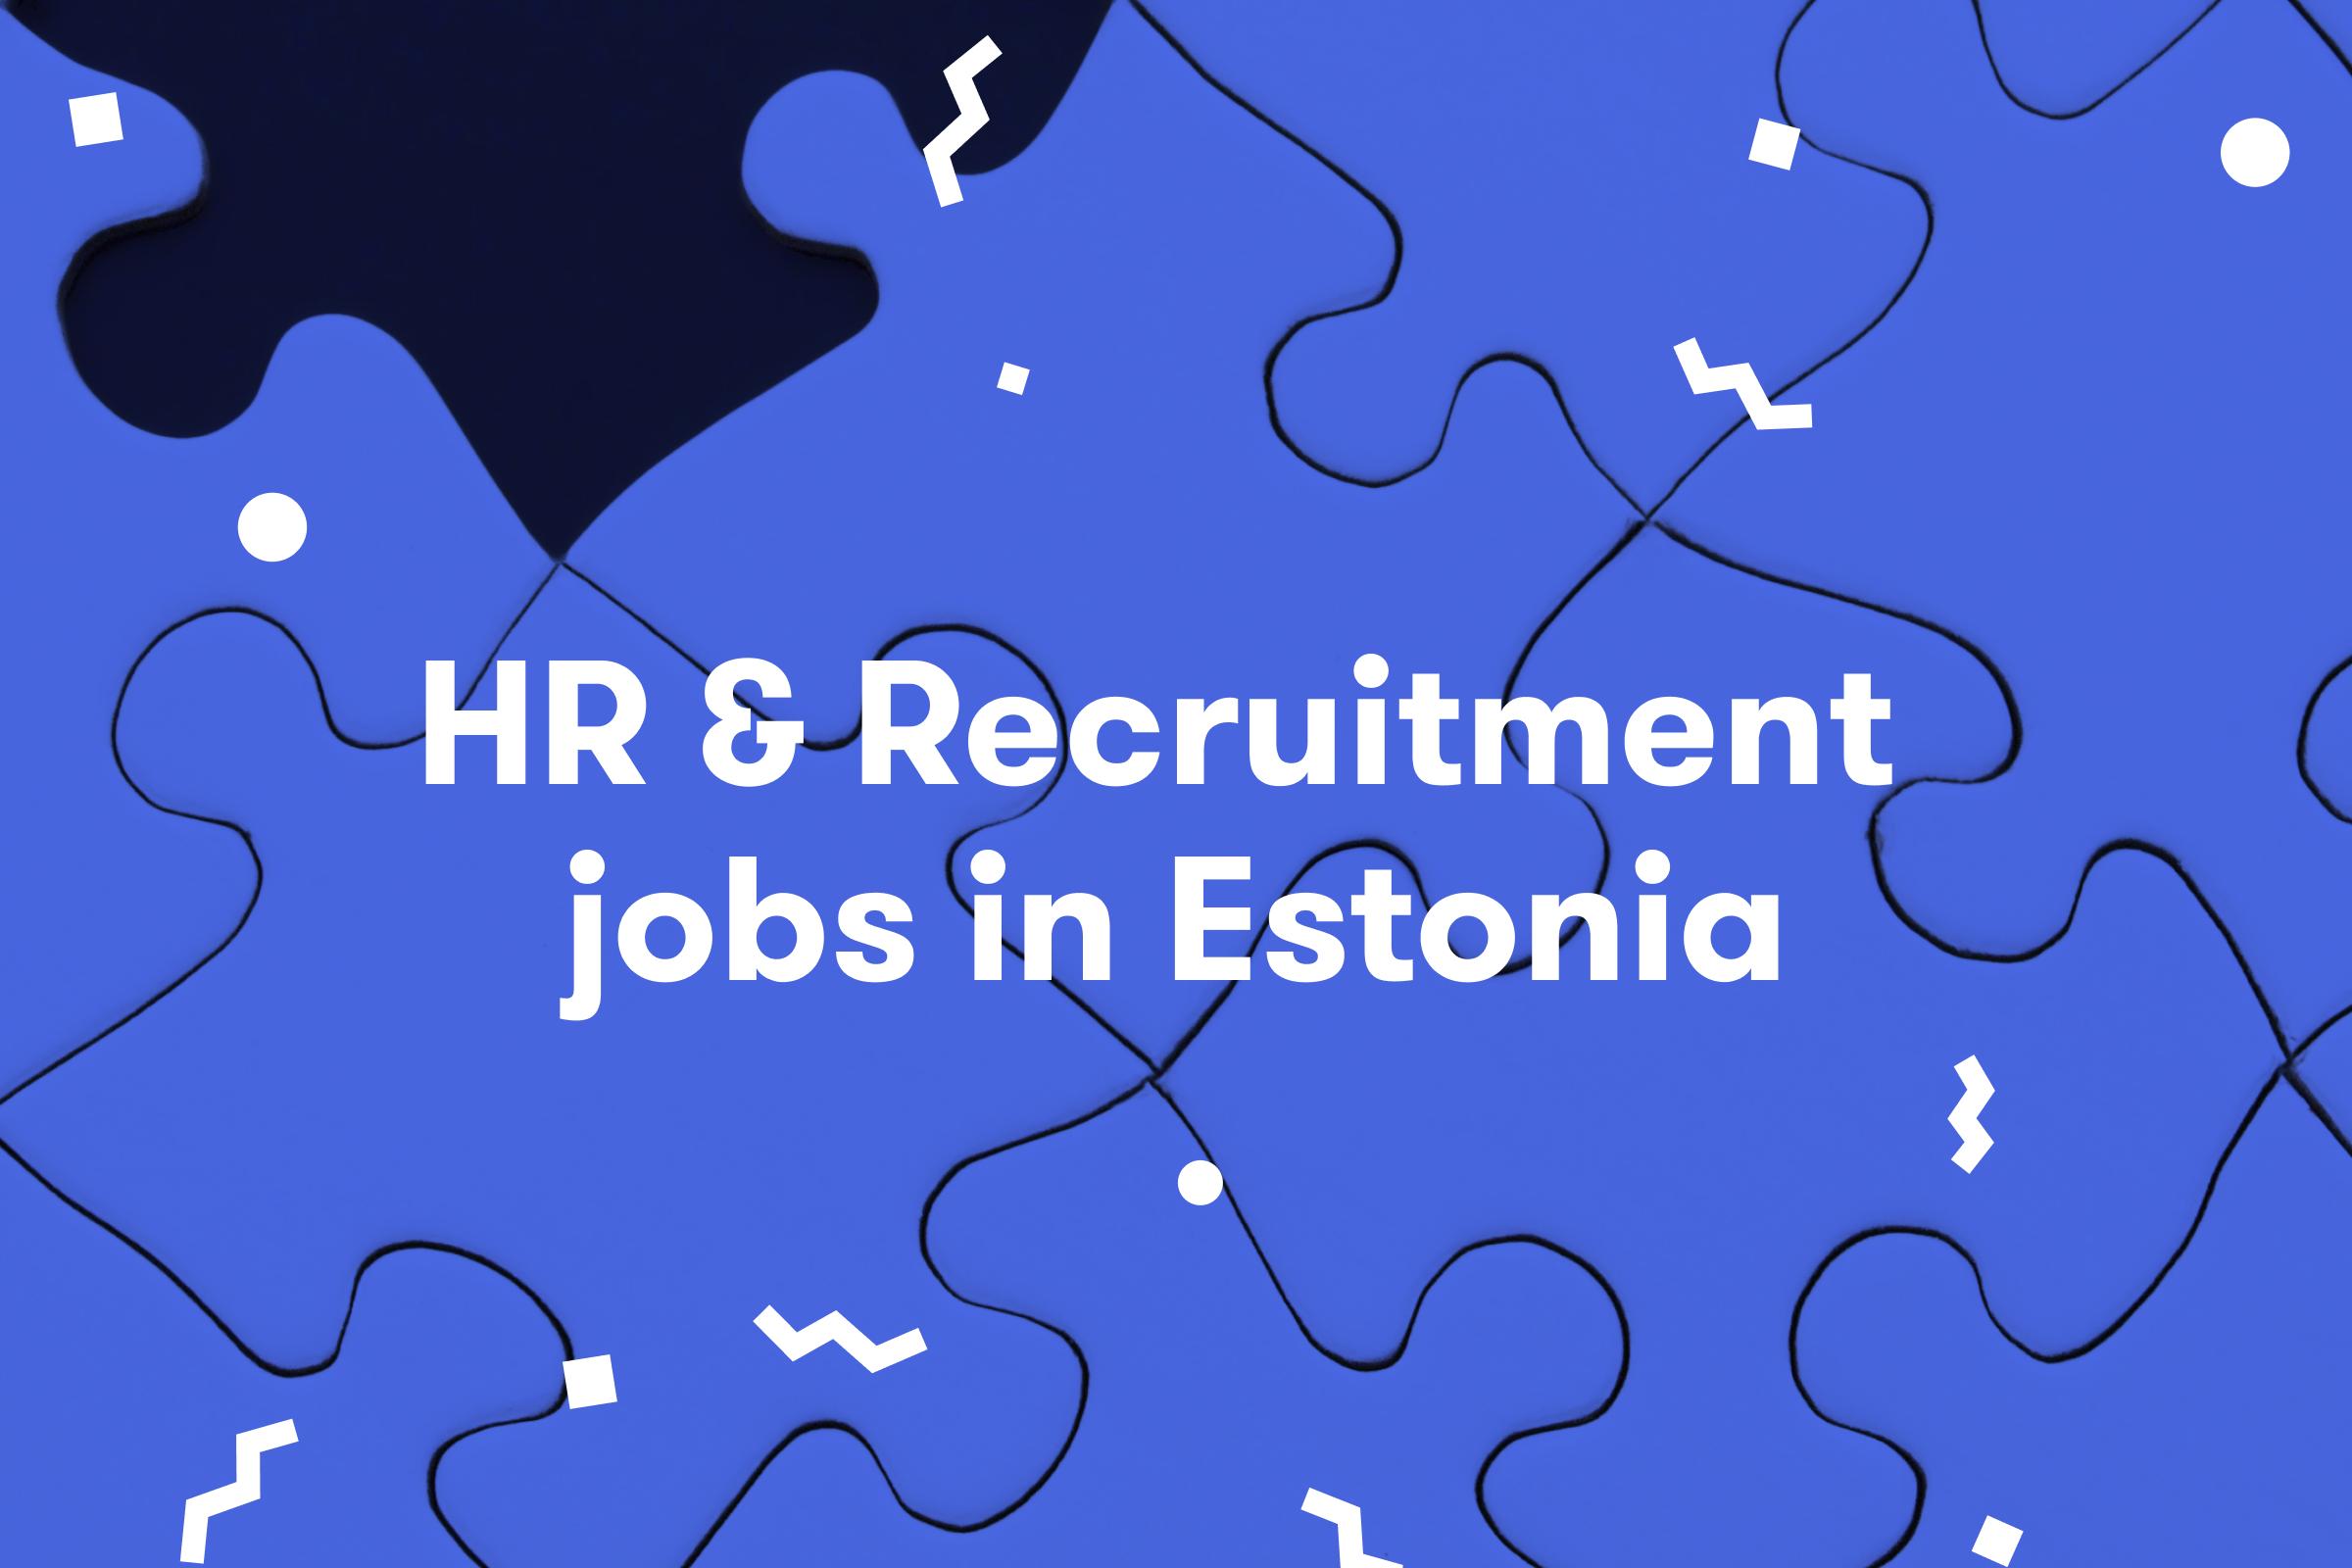 HR jobs in Estonia